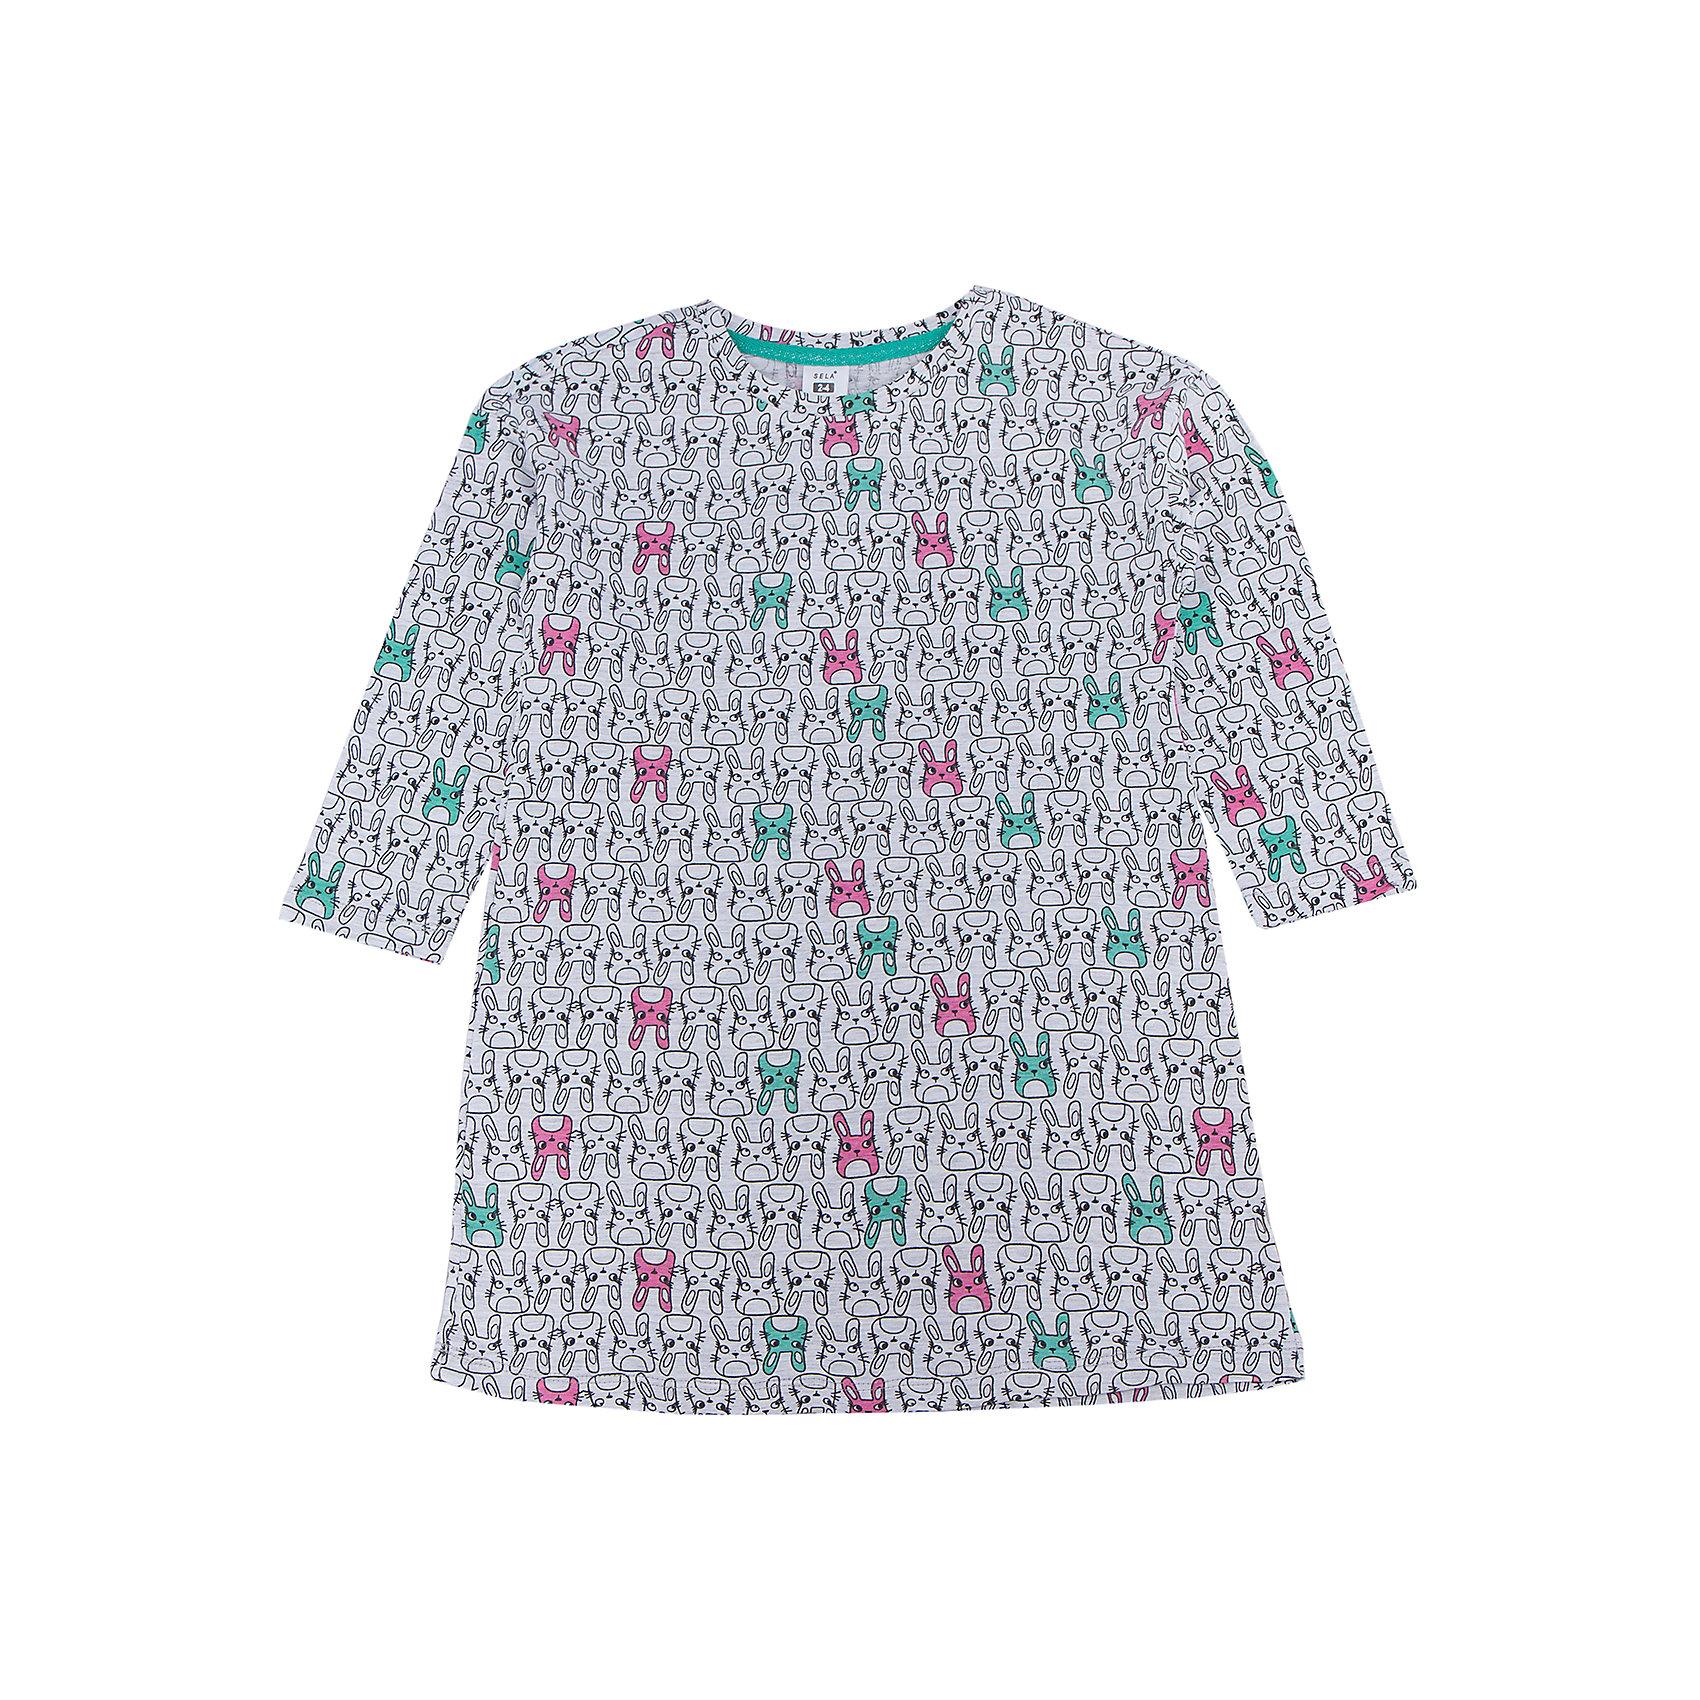 Сорочка для девочки SELAПижамы и сорочки<br>Характеристики товара:<br><br>• цвет: серый<br>• состав: 97% хлопок, 3% ПЭ<br>• удлиненный силуэт<br>• средняя длина рукавов<br>• принт<br>• коллекция весна-лето 2017<br>• страна бренда: Российская Федерация<br><br>Вещи из новой коллекции SELA продолжают радовать удобством! Стильная сорочка для девочки поможет разнообразить гардероб ребенка и обеспечить комфорт. Она отлично сочетается с юбками и брюками. В составе материала - натуральный хлопок.<br><br>Одежда, обувь и аксессуары от российского бренда SELA не зря пользуются большой популярностью у детей и взрослых! Модели этой марки - стильные и удобные, цена при этом неизменно остается доступной. Для их производства используются только безопасные, качественные материалы и фурнитура. Новая коллекция поддерживает хорошие традиции бренда! <br><br>Сорочку для девочки от популярного бренда SELA (СЕЛА) можно купить в нашем интернет-магазине.<br><br>Ширина мм: 281<br>Глубина мм: 70<br>Высота мм: 188<br>Вес г: 295<br>Цвет: серый<br>Возраст от месяцев: 96<br>Возраст до месяцев: 108<br>Пол: Женский<br>Возраст: Детский<br>Размер: 128/134,140/146,92/98,104/110,116/122<br>SKU: 5305741